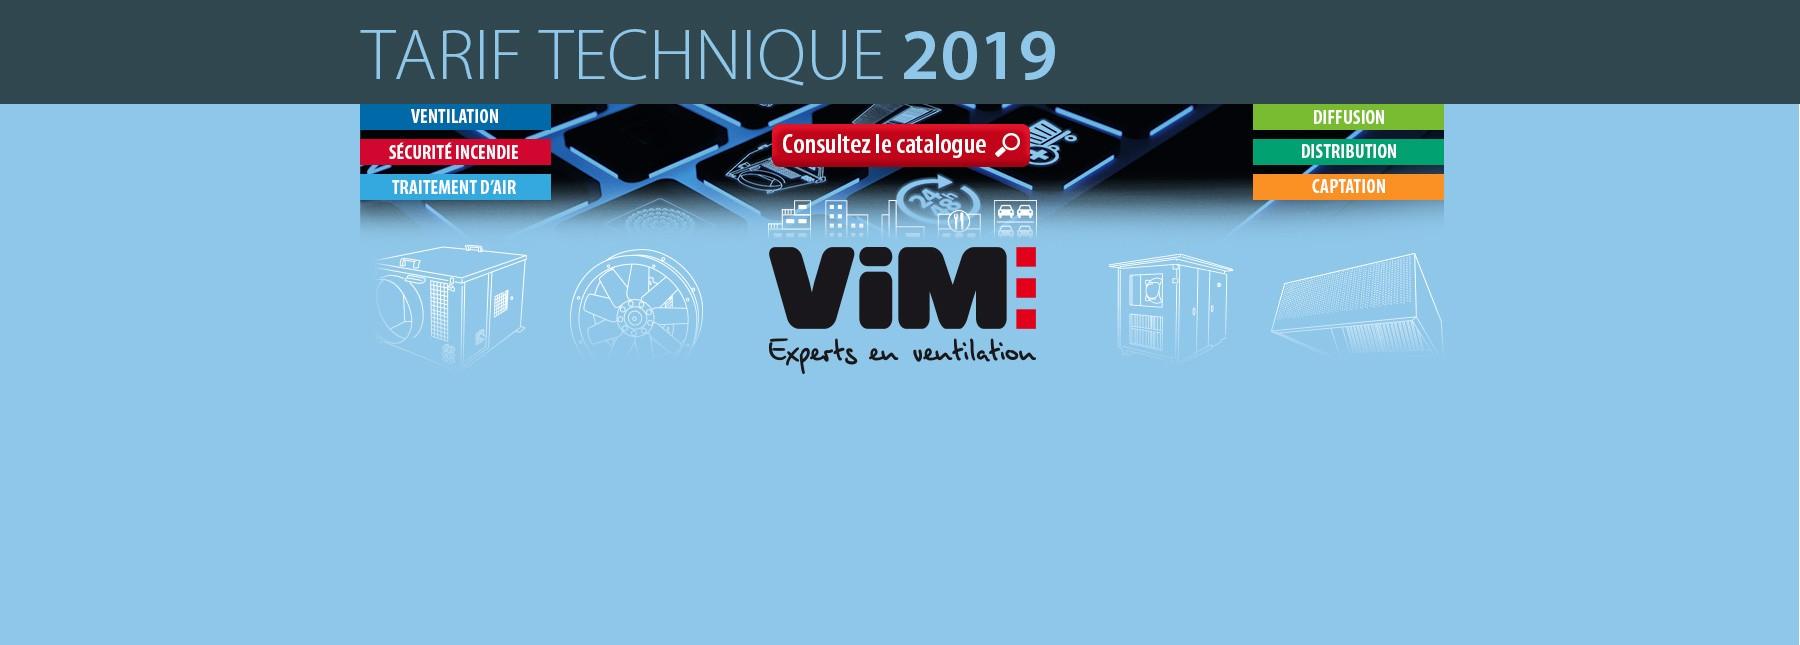 VIM - Catalogue 2019